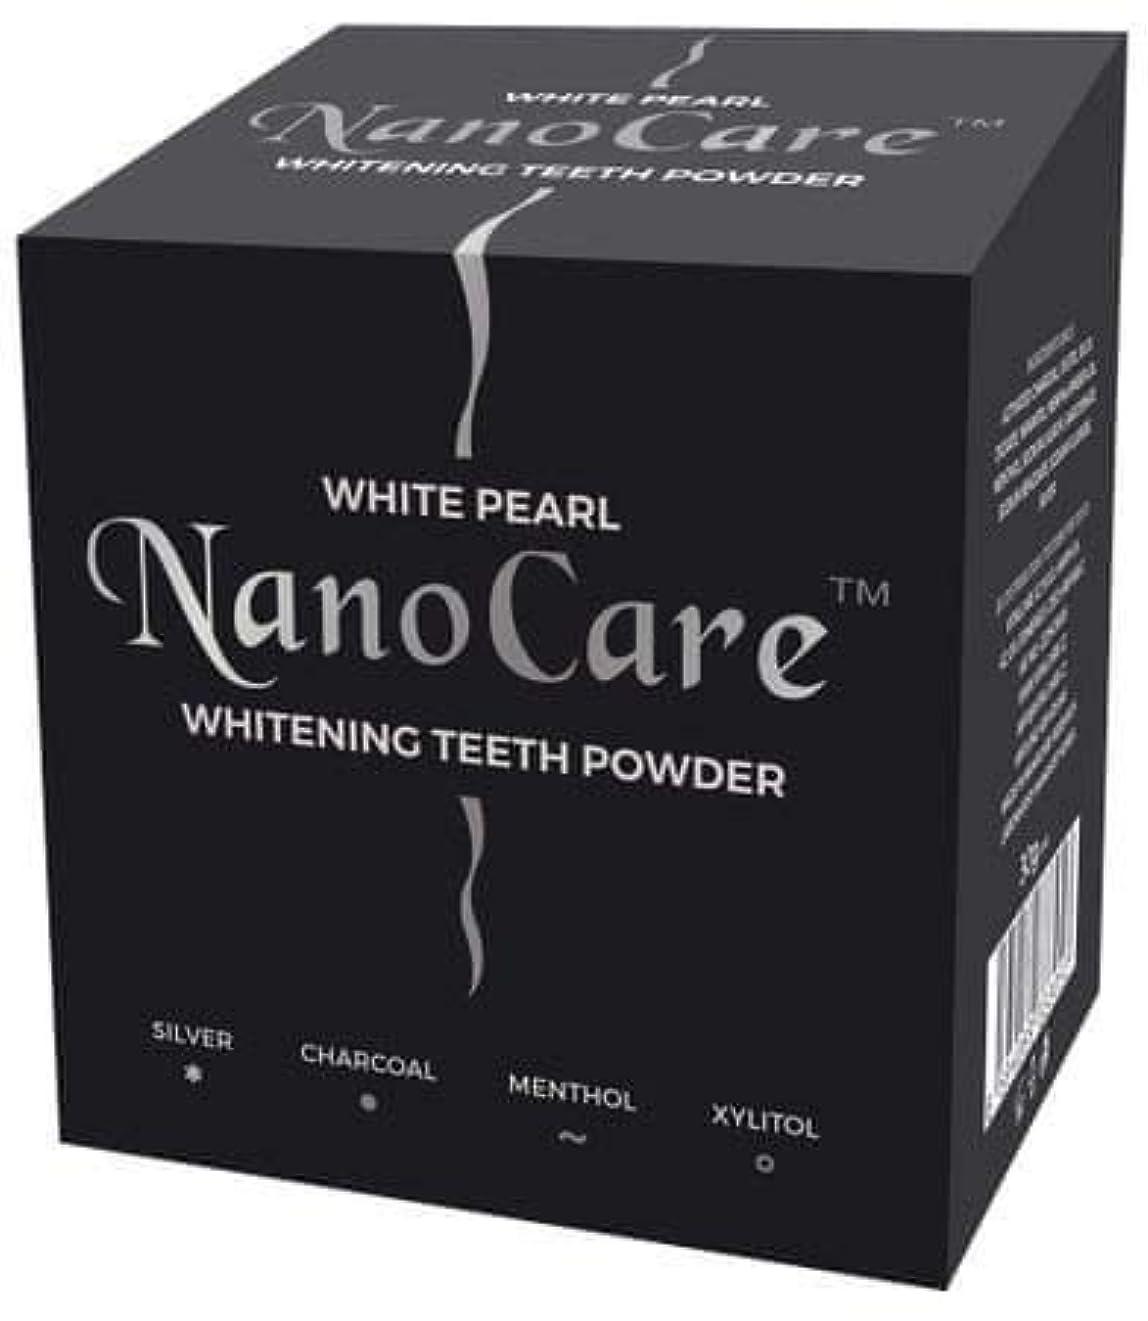 場合そっとそれによってNano Care Whitening Powder with Active Charcoal and Silver nanoparticles 30g Made in Korea / 活性炭と銀ナノ粒子30gのナノケアホワイトニングパウダー韓国製